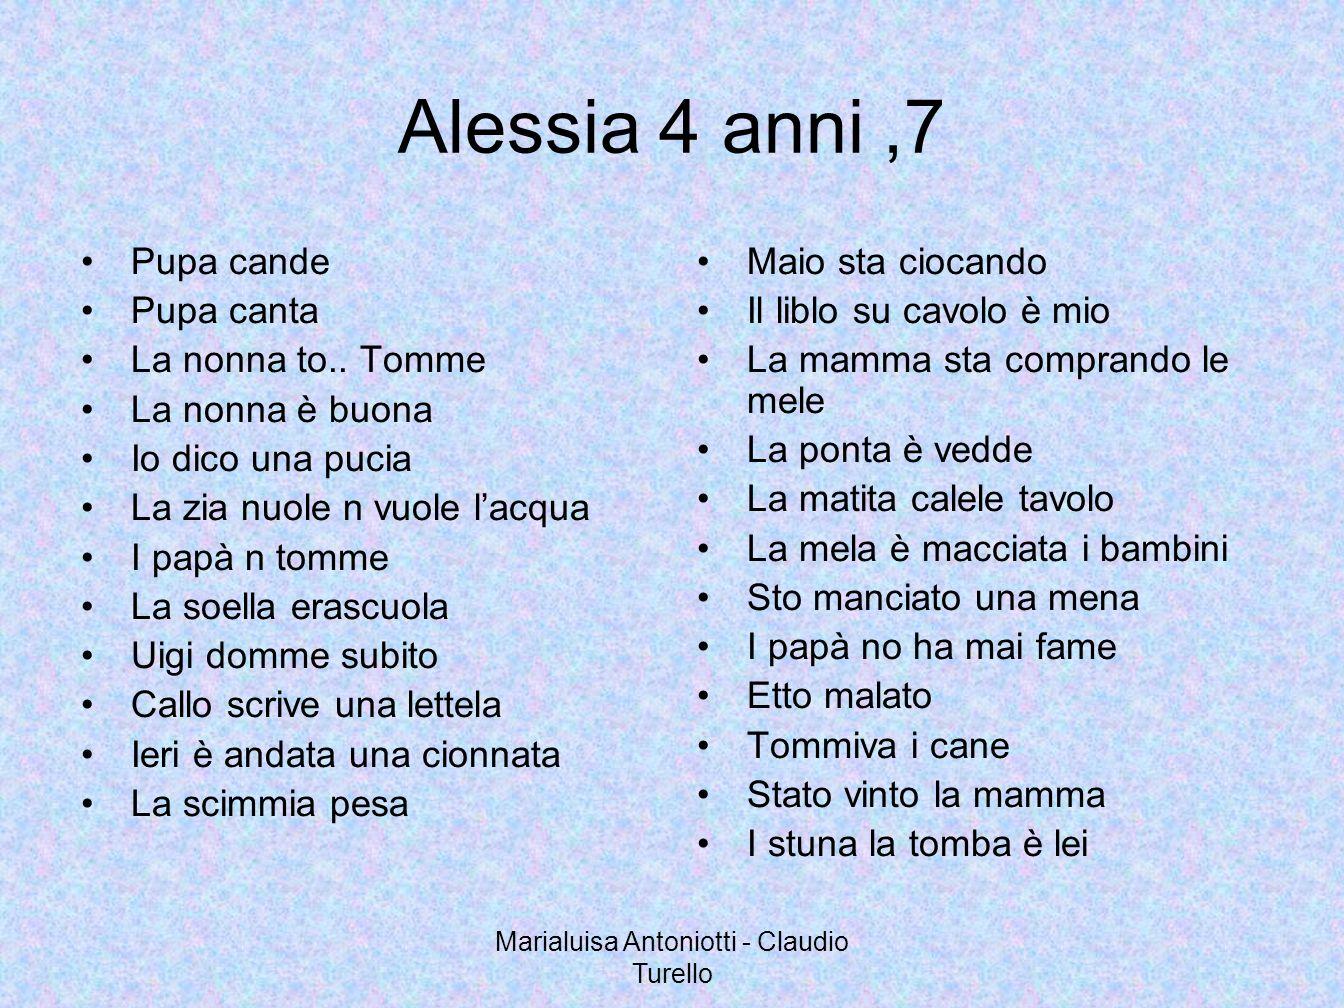 Marialuisa Antoniotti - Claudio Turello Alessia 4 anni,7 Pupa cande Pupa canta La nonna to.. Tomme La nonna è buona Io dico una pucia La zia nuole n v